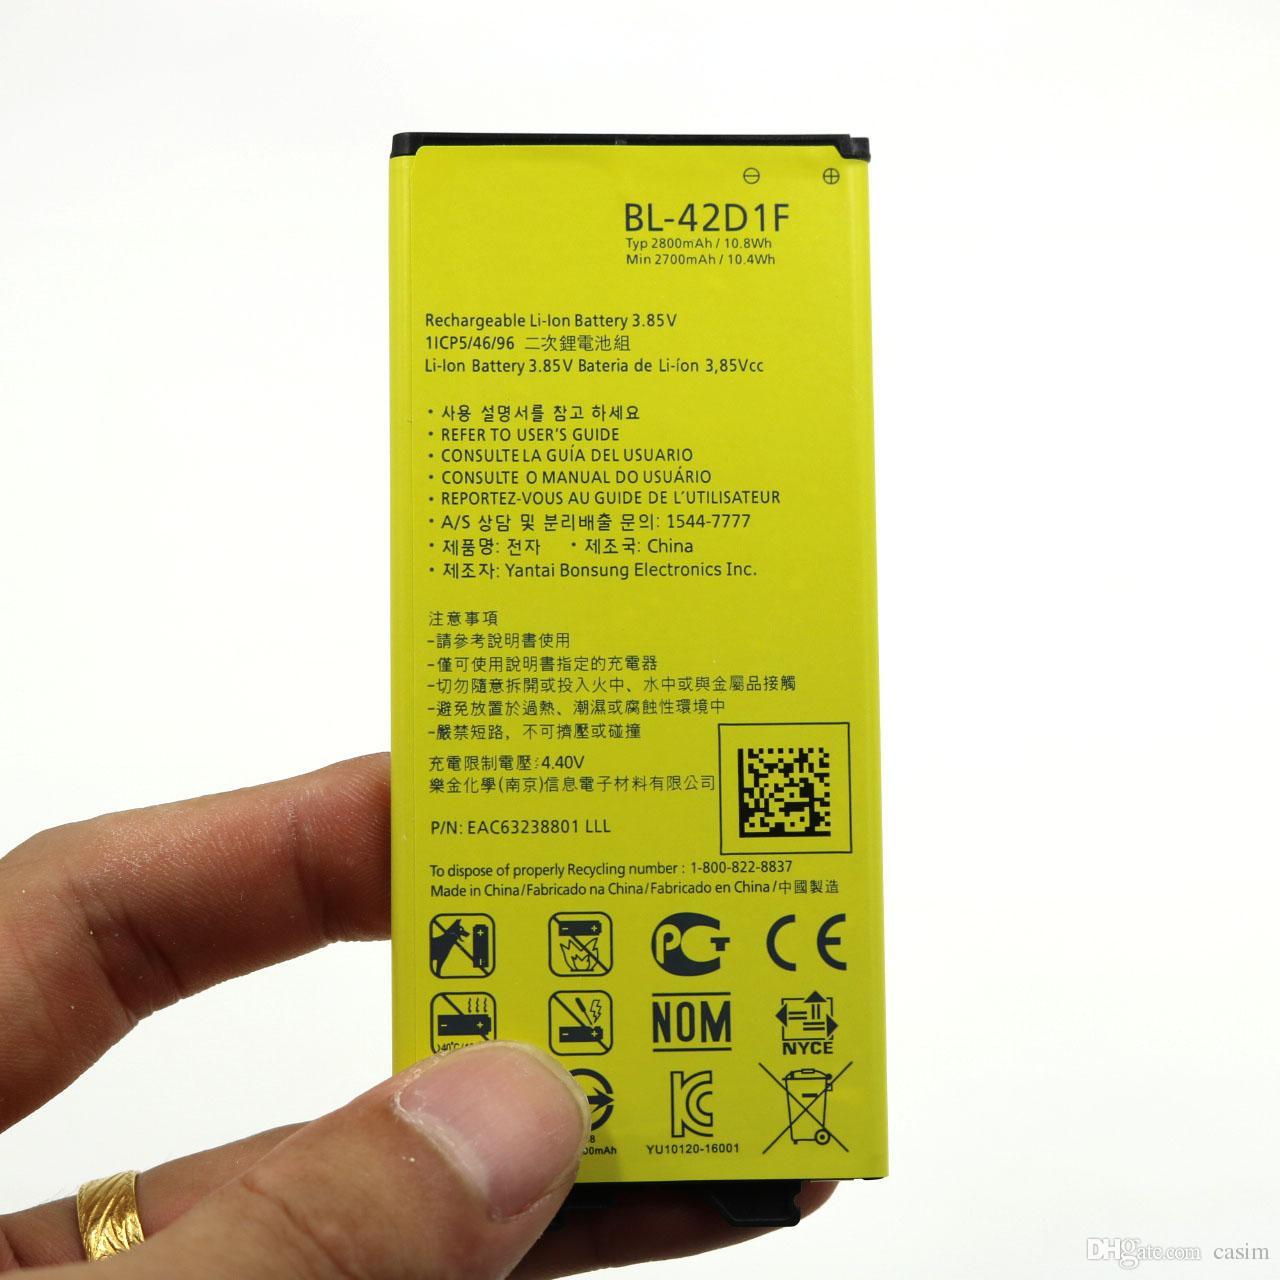 البطارية من أجل هاتف LG G5 القابلة لإعادة الشحن استبدال البطارية